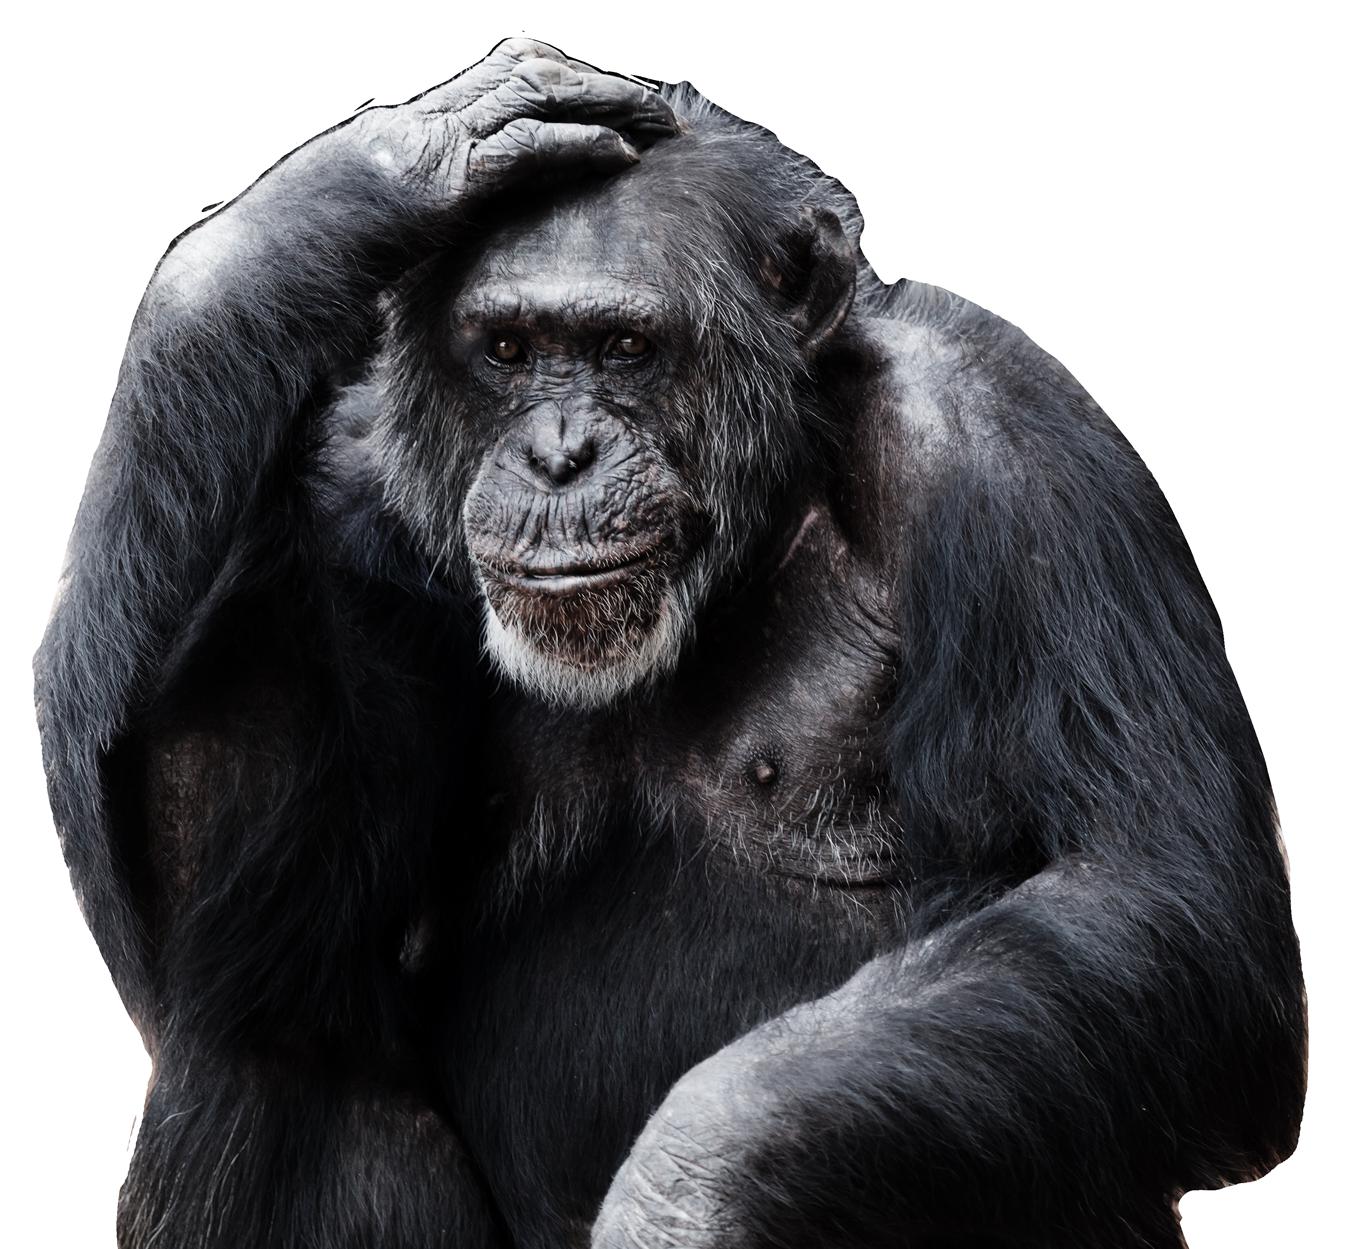 Chimpanzee PNG Image